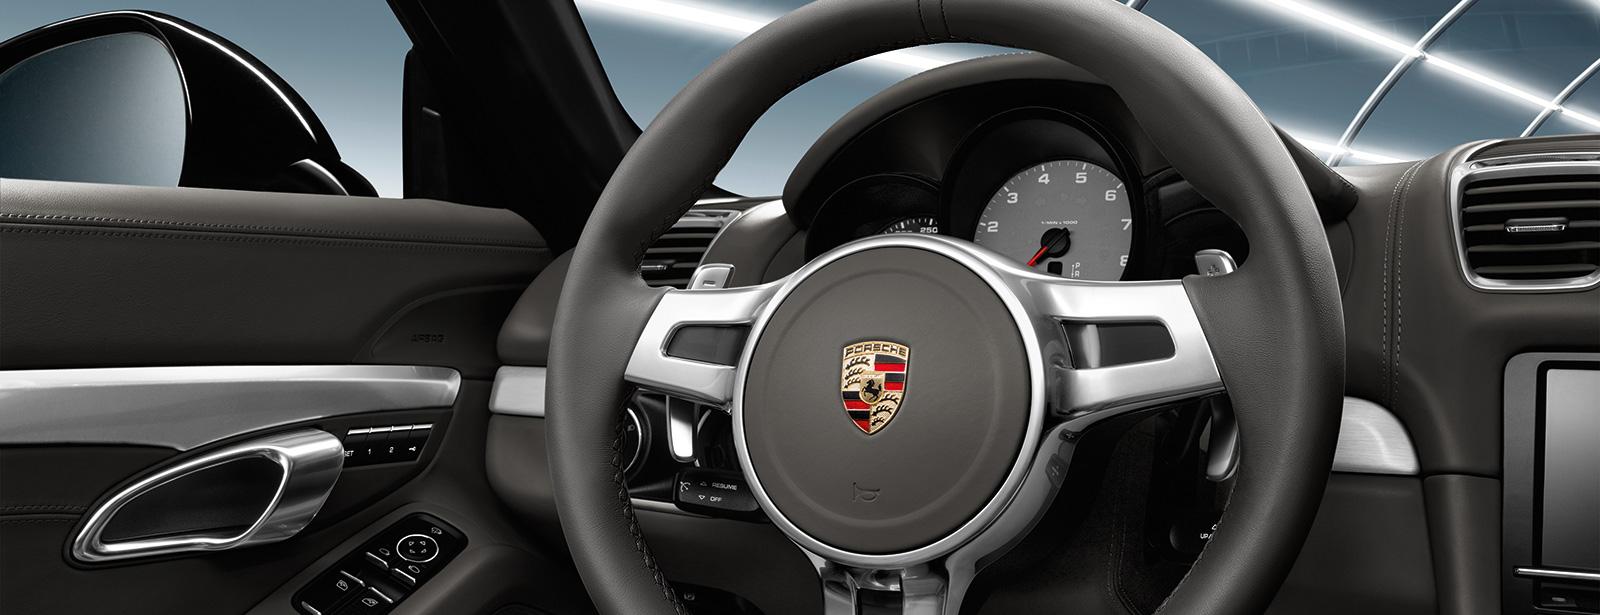 Porsche Zentrum Soest 187 Nachr 252 Stung Pdk Lenkrad Mit